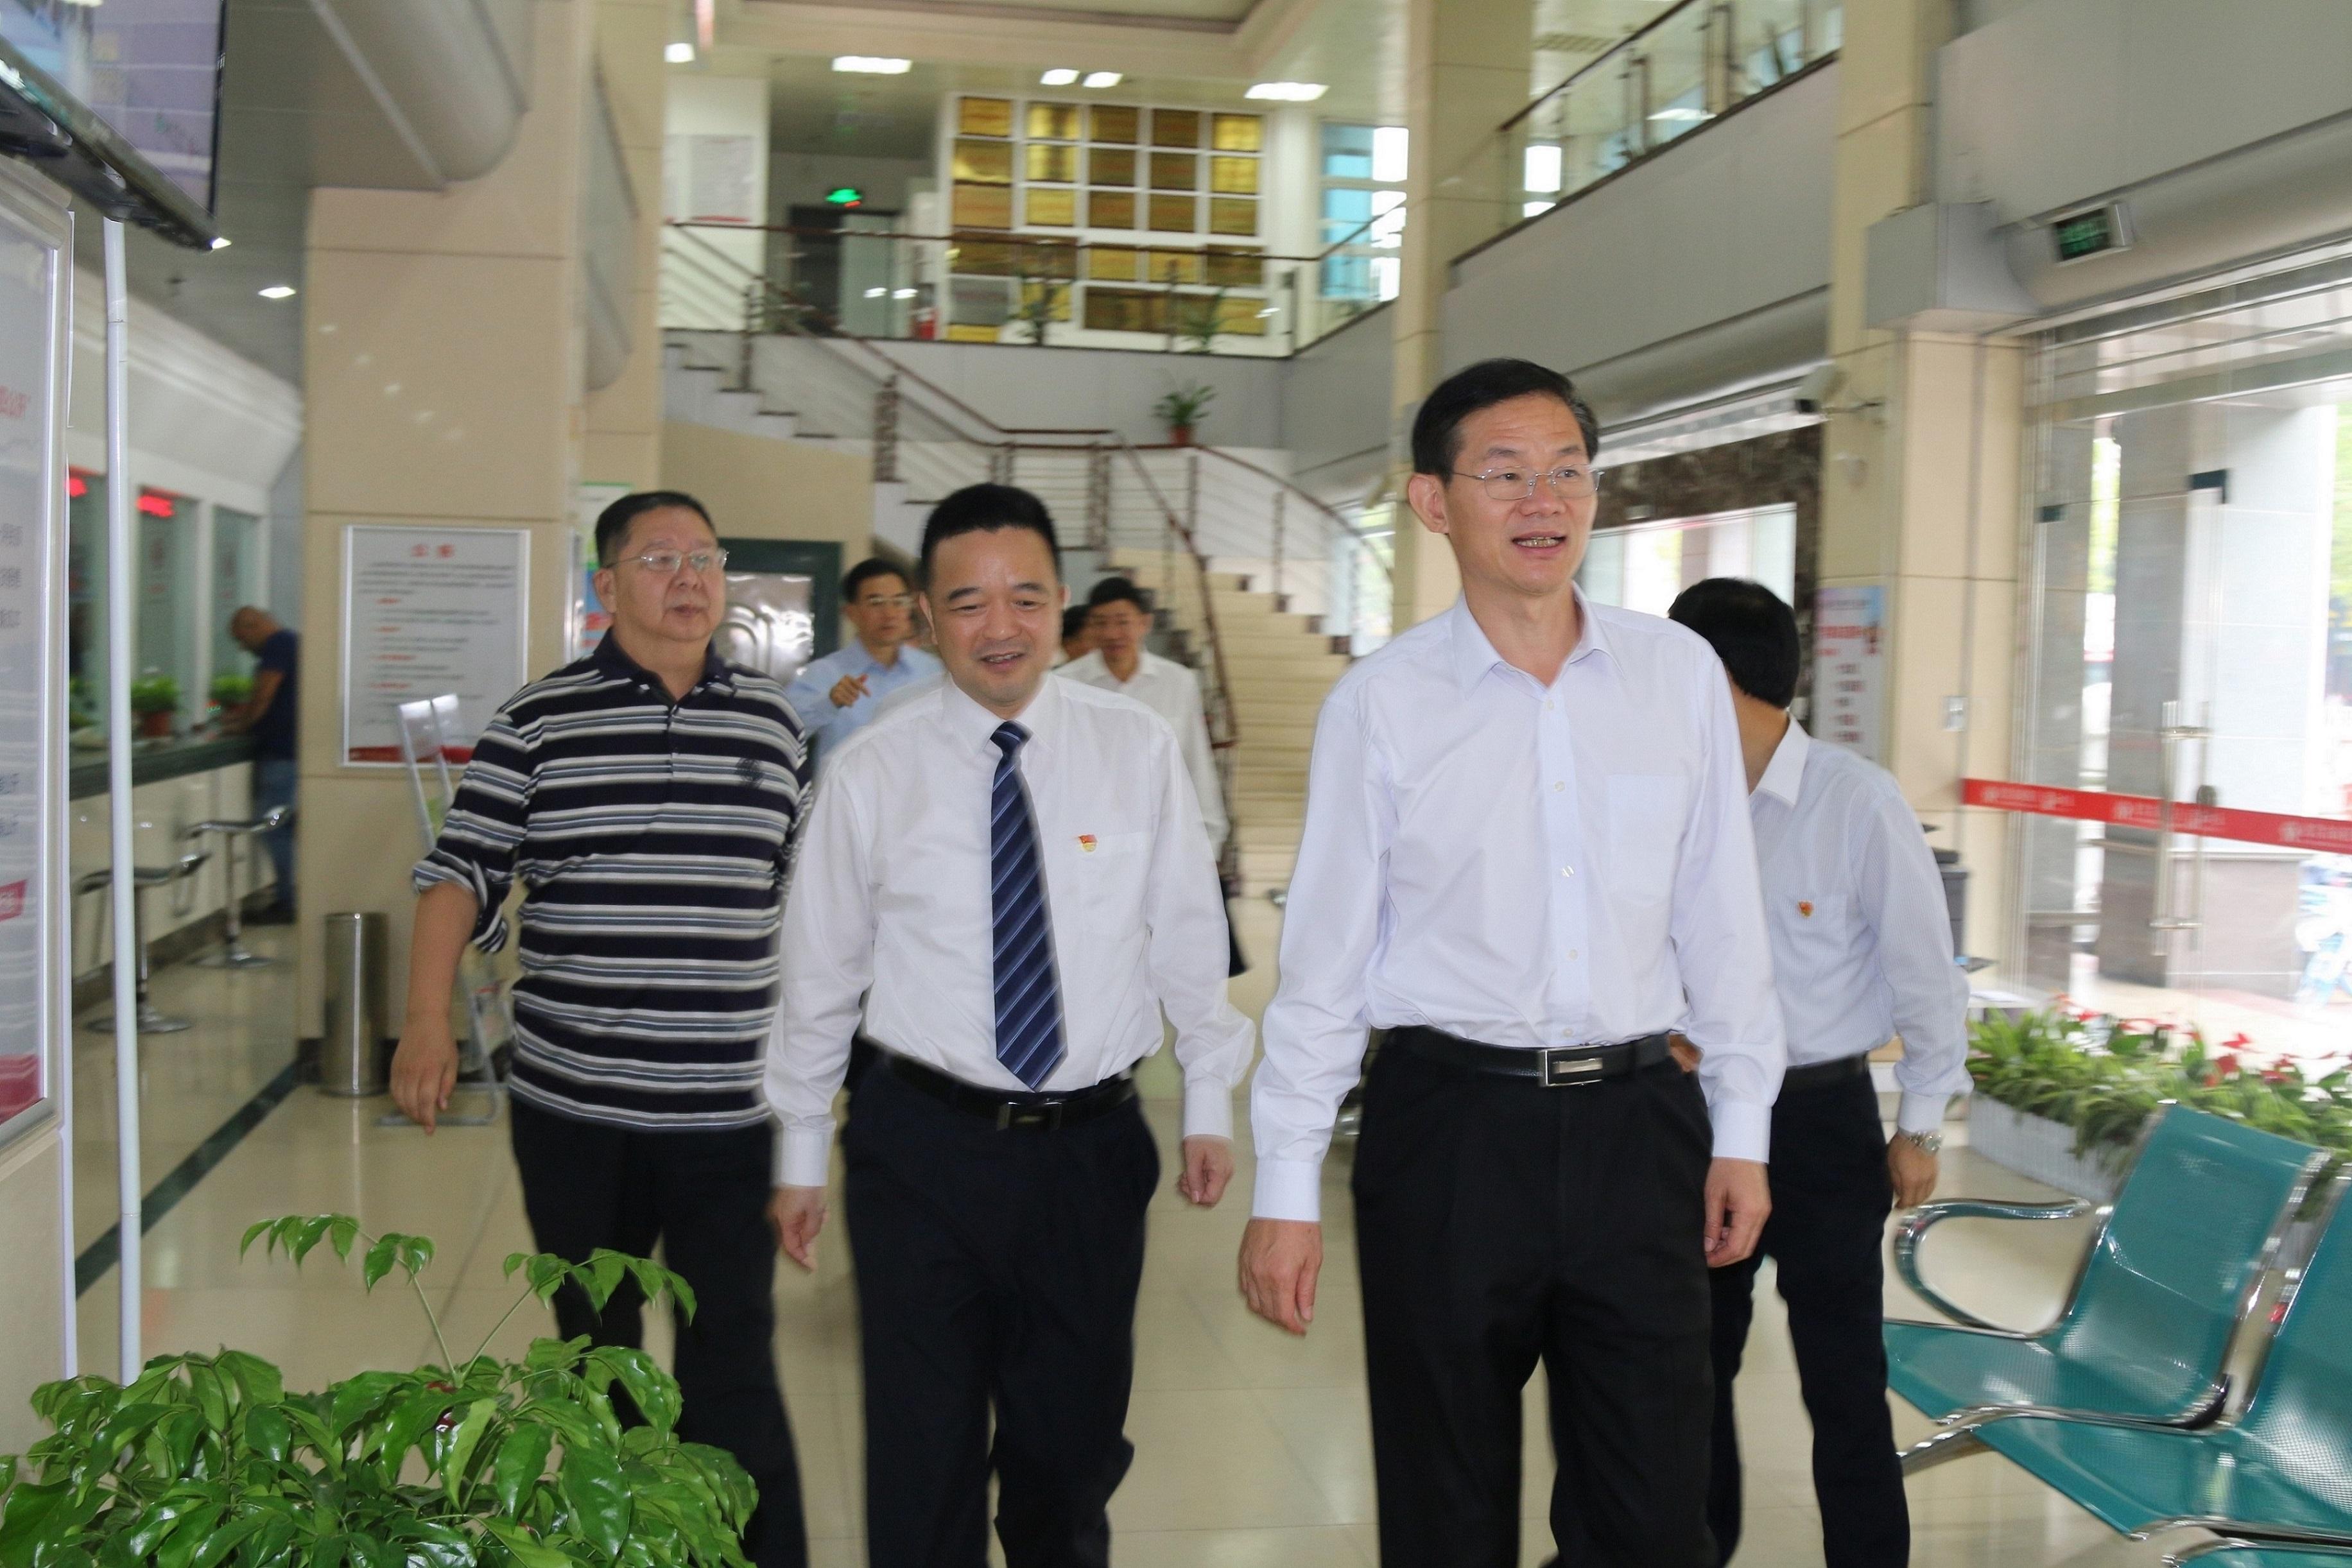 龙岩市市长林兴禄一行莅临龙岩农商银行调研指导